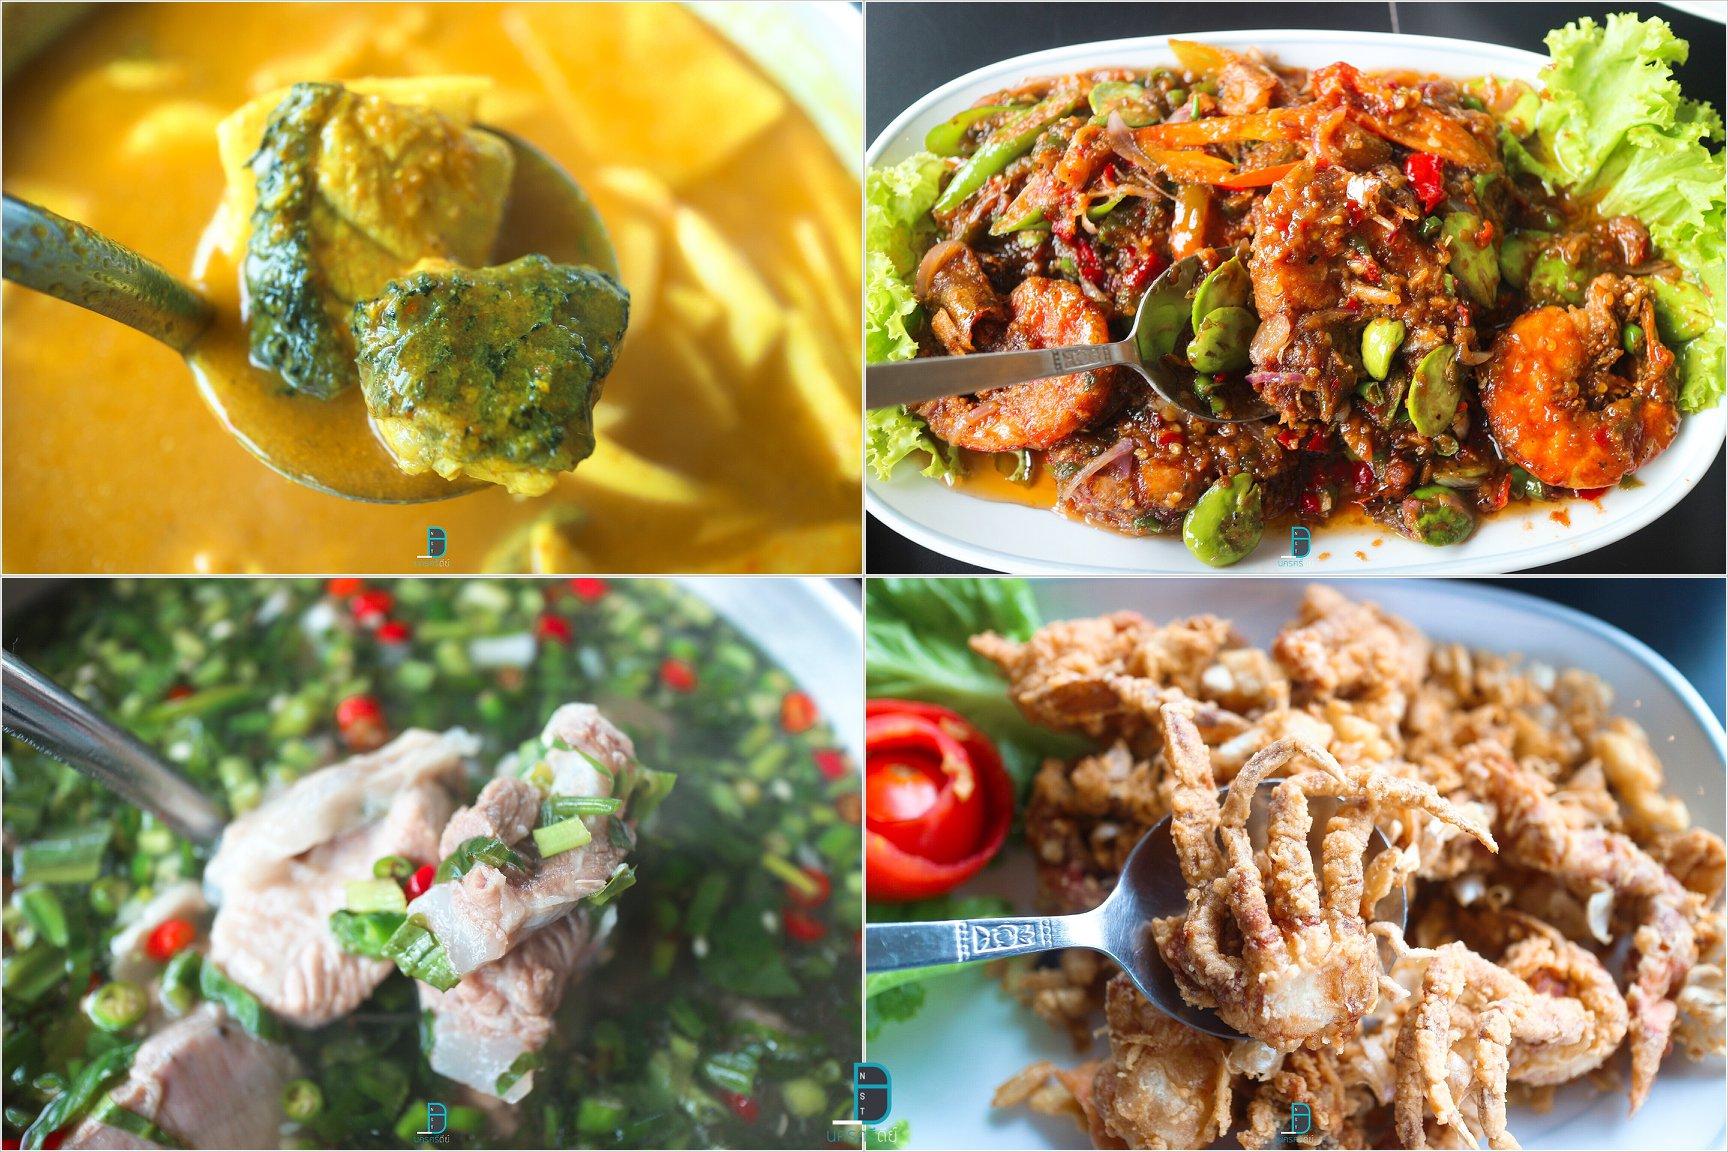 มีของกินเด็ดๆ-อาหารประจำภาคอย่าง-แกงส้ม-ผัดสะตอ-และอาหารแถบทะเลอย่างเช่น-ปุนิ่ม-และอย่างอื่นก็มีครบหมด-เห็นแล้วหิวเลยเนี่ยยย พิกัด-:-JB-grandpark-ช้างกลาง-?-ที่-JB-GRAND-PARK นครศรีธรรมราช,มีอะไรบ้าง,สถานที่ท่องเที่ยว,ร้านอร่อย,ของกิน